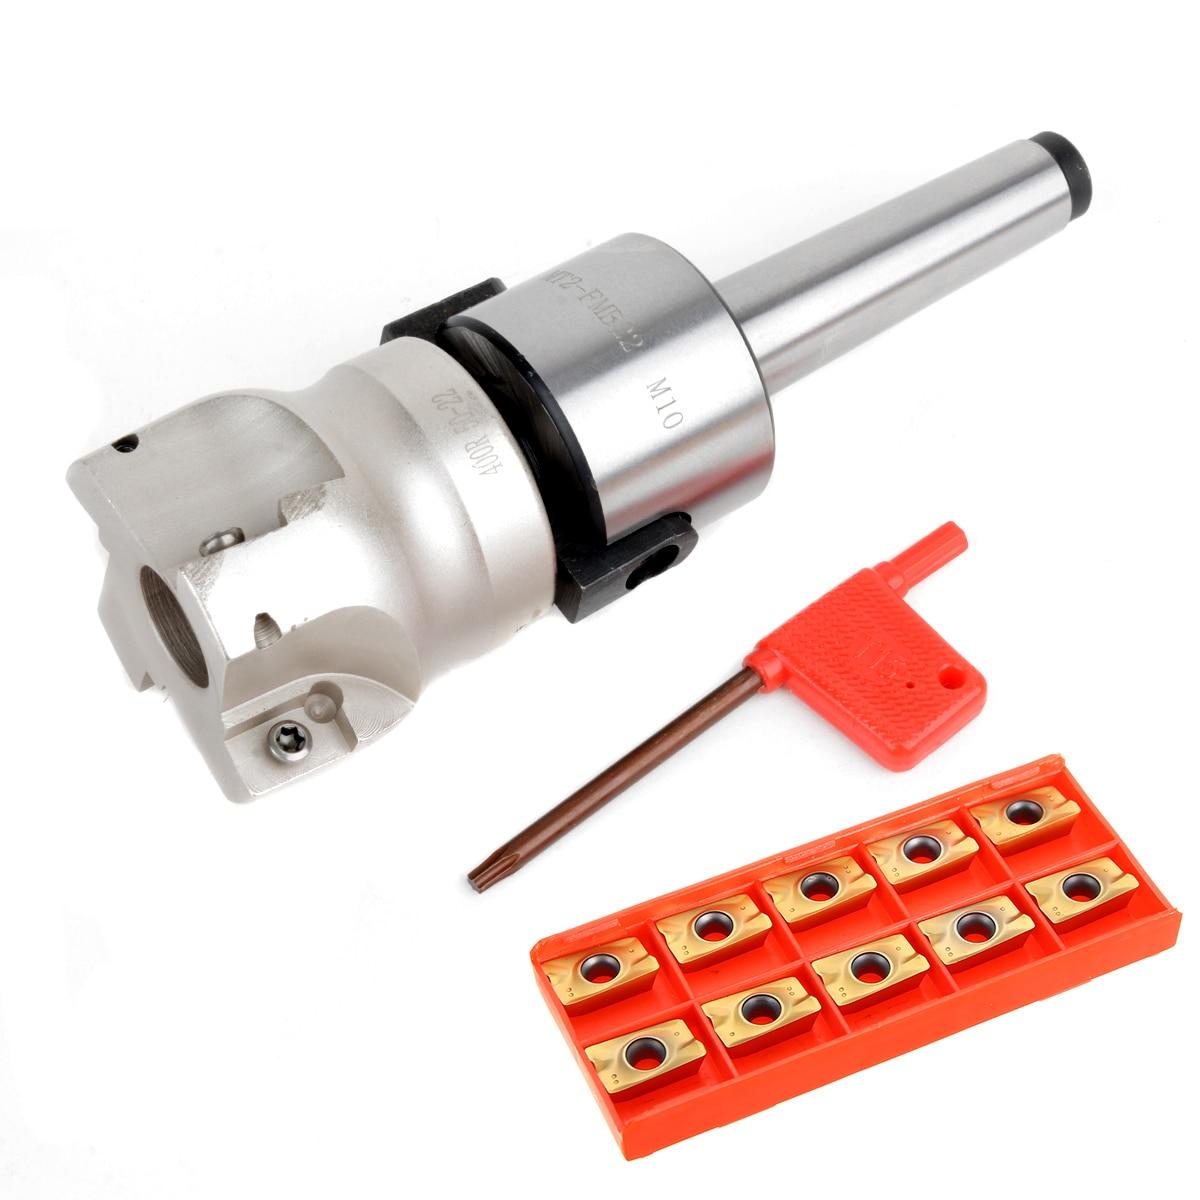 1 шт. 4 флейты MT2 400R торце фрезы 50 мм + 10 шт. APMT1604 карбида вставки с ключ для фрезерного инструмента